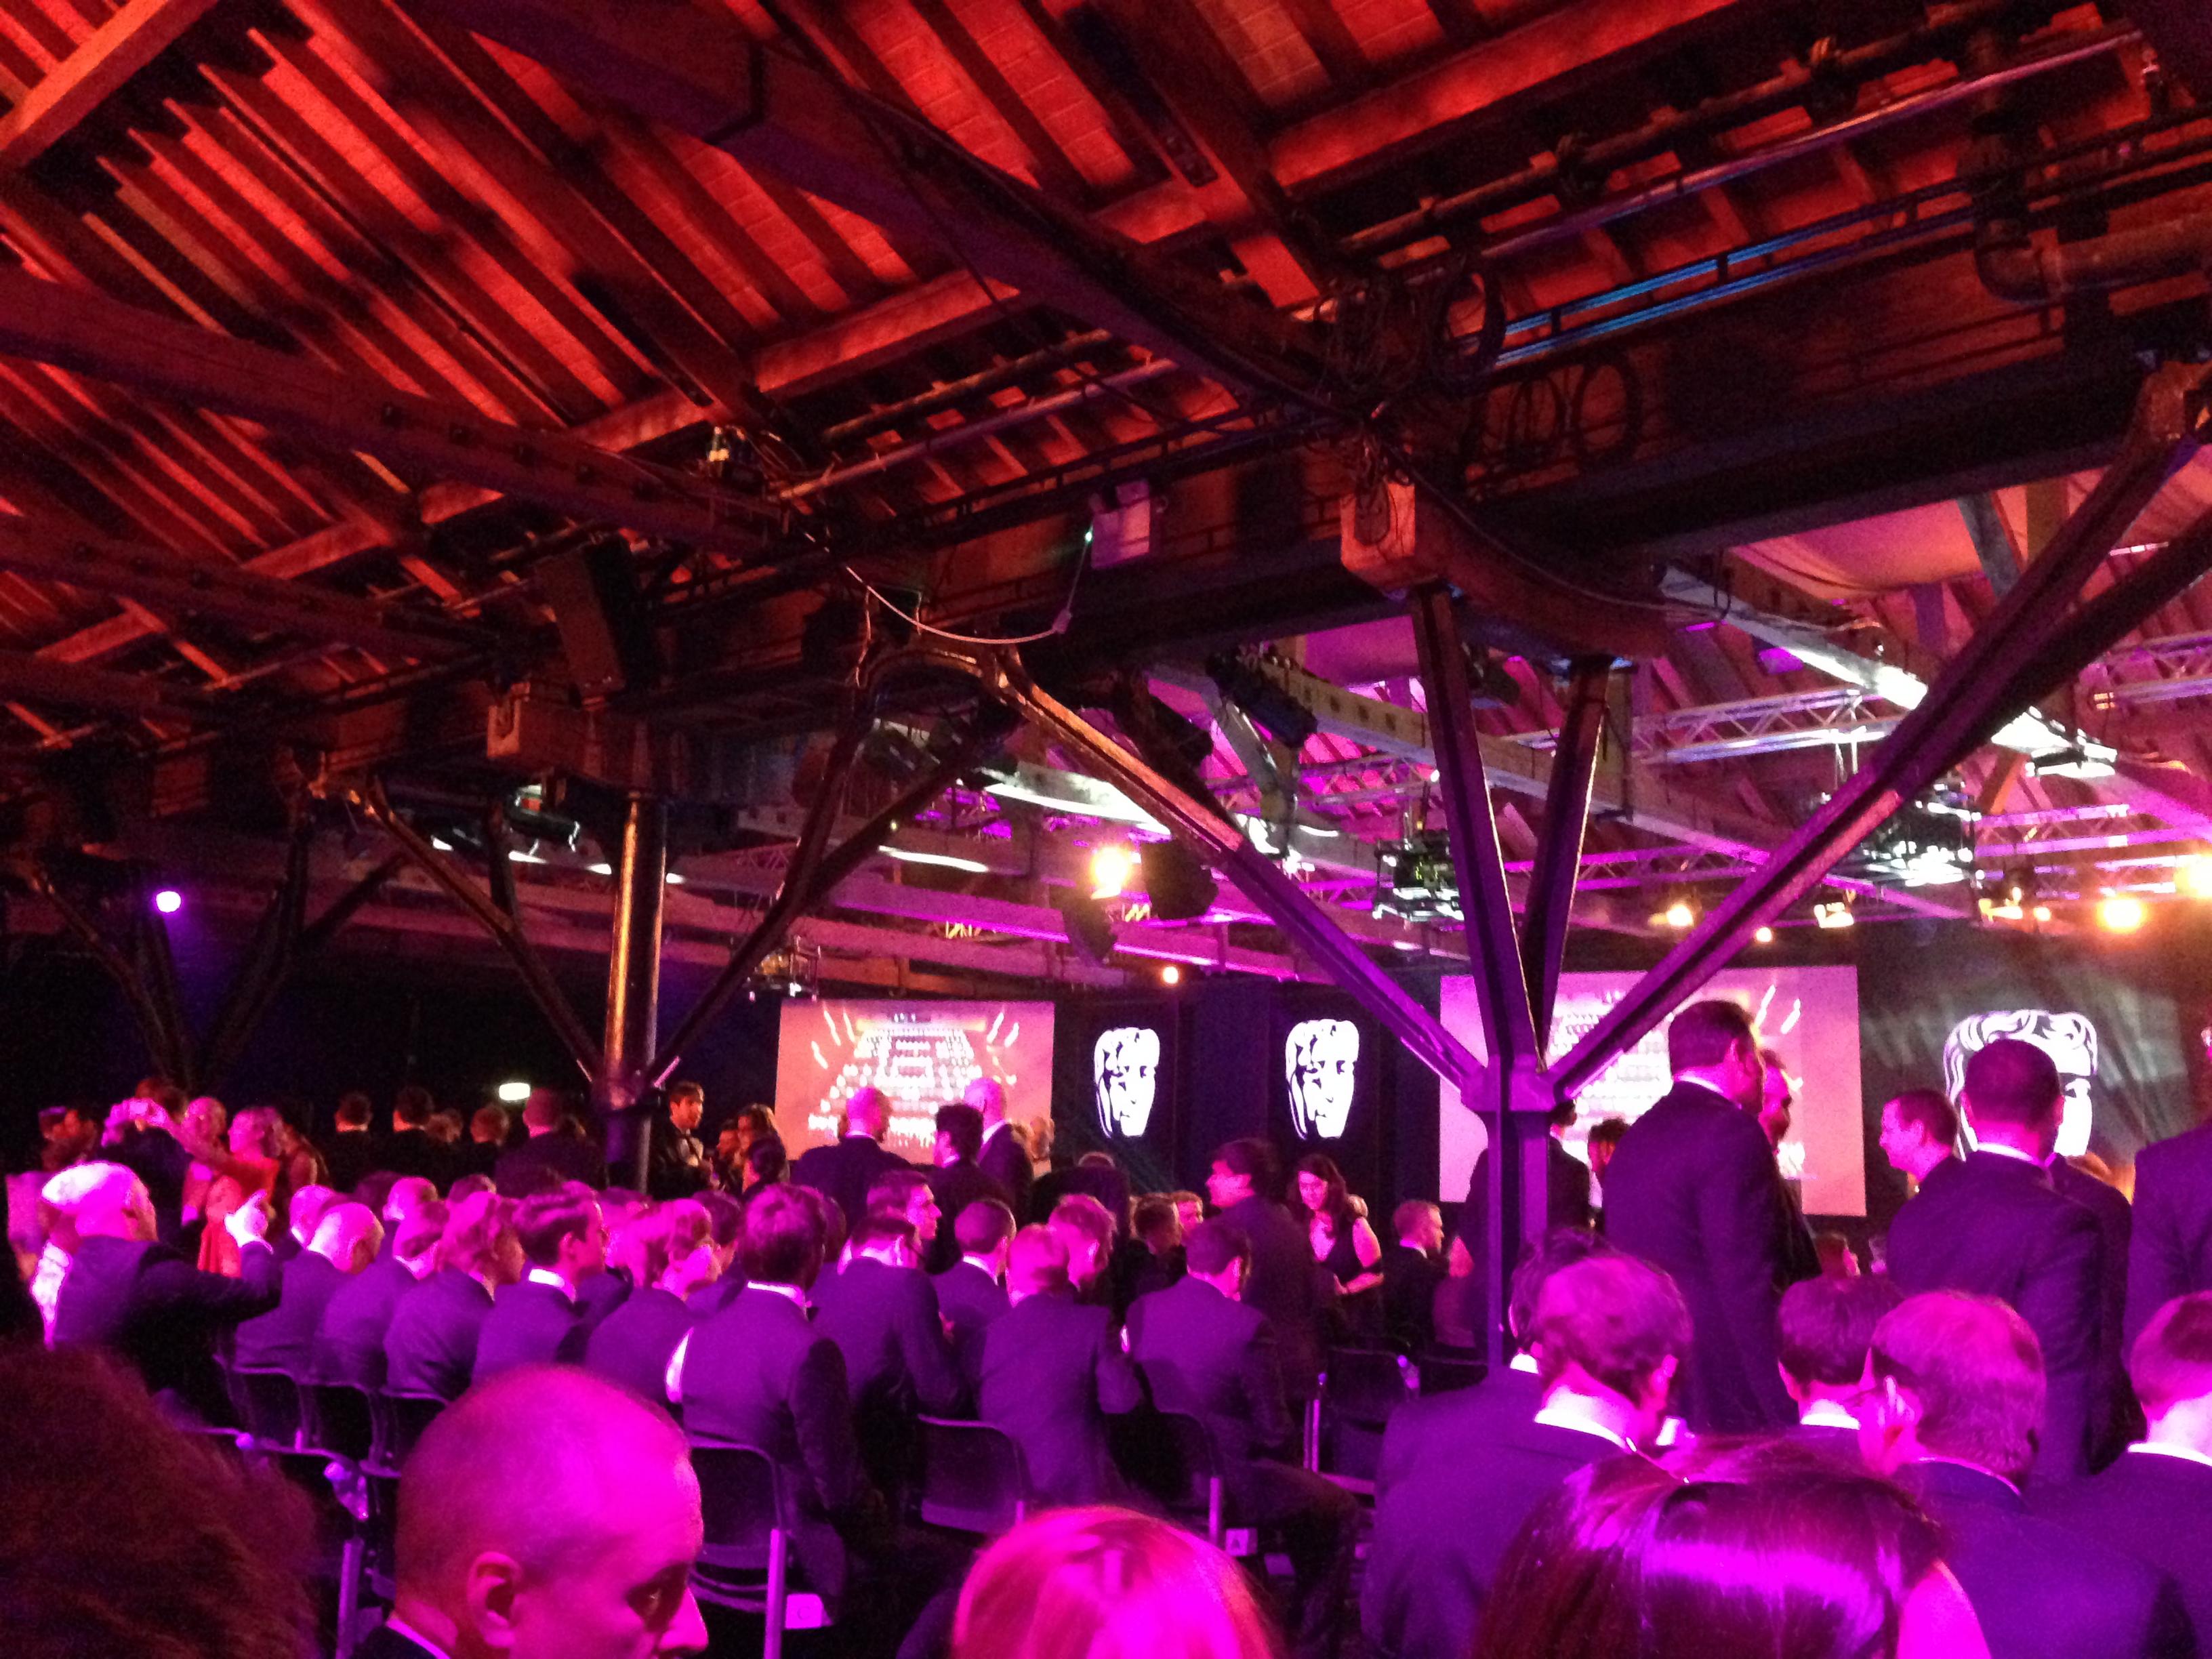 2014-03-12 19.08.17 BAFTAs - awards